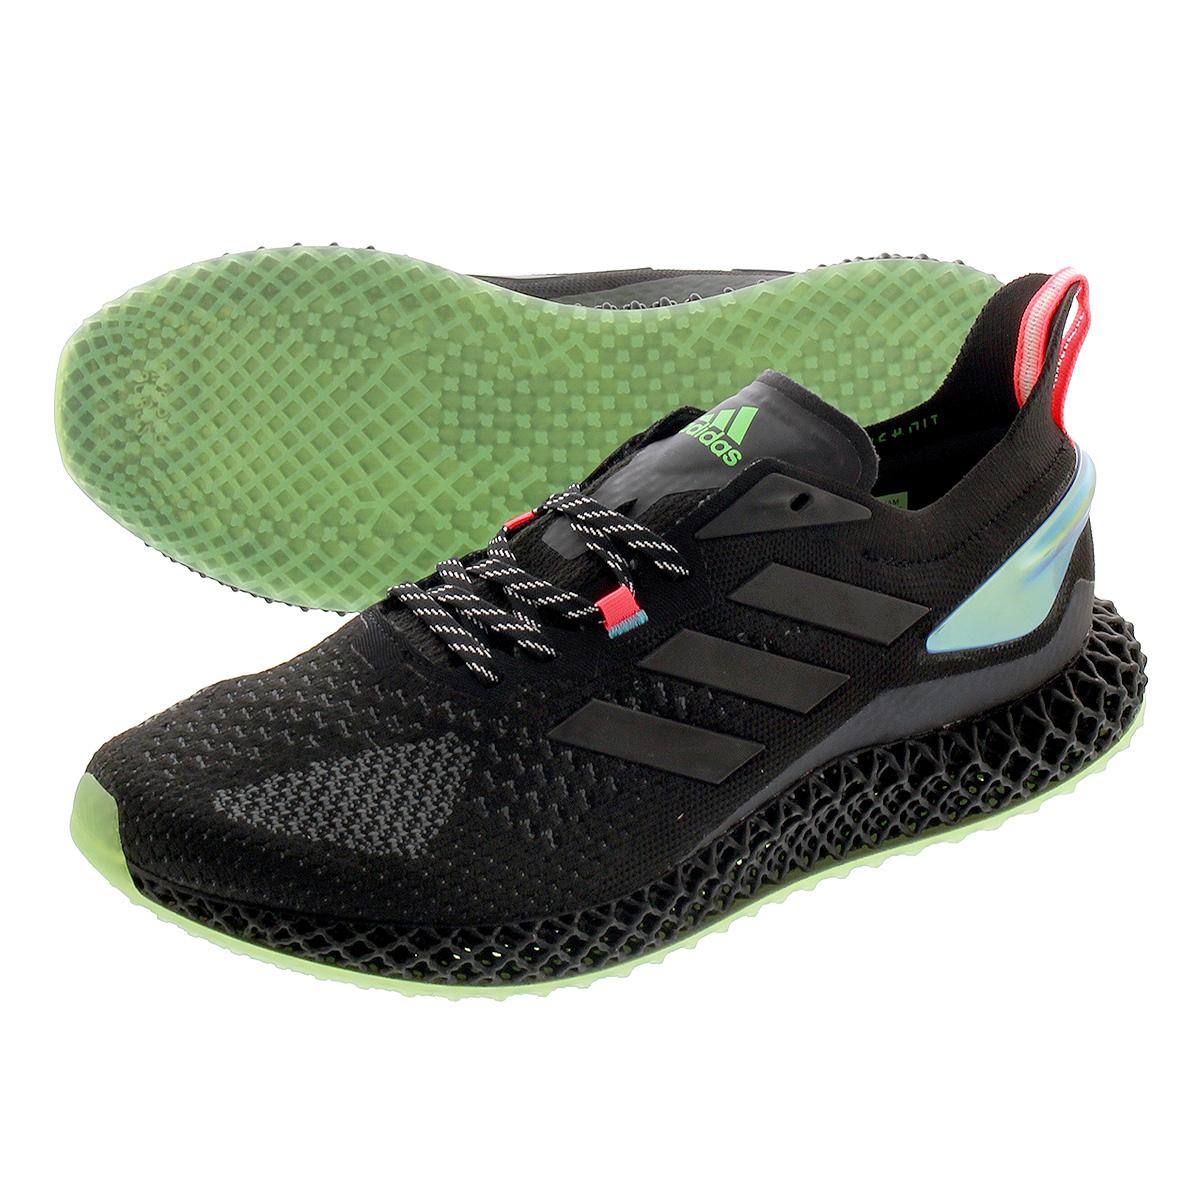 <title>送料無料 ADIDAS アディダス スニーカー 靴 ランニングシュース メンズ レディース ホワイト 黒 新商品 ブラック ピンク fw7093 毎日がお得 値下げプライス adidas 4D RUN 2.0 ラン CORE BLACK SIGNAL PINK</title>